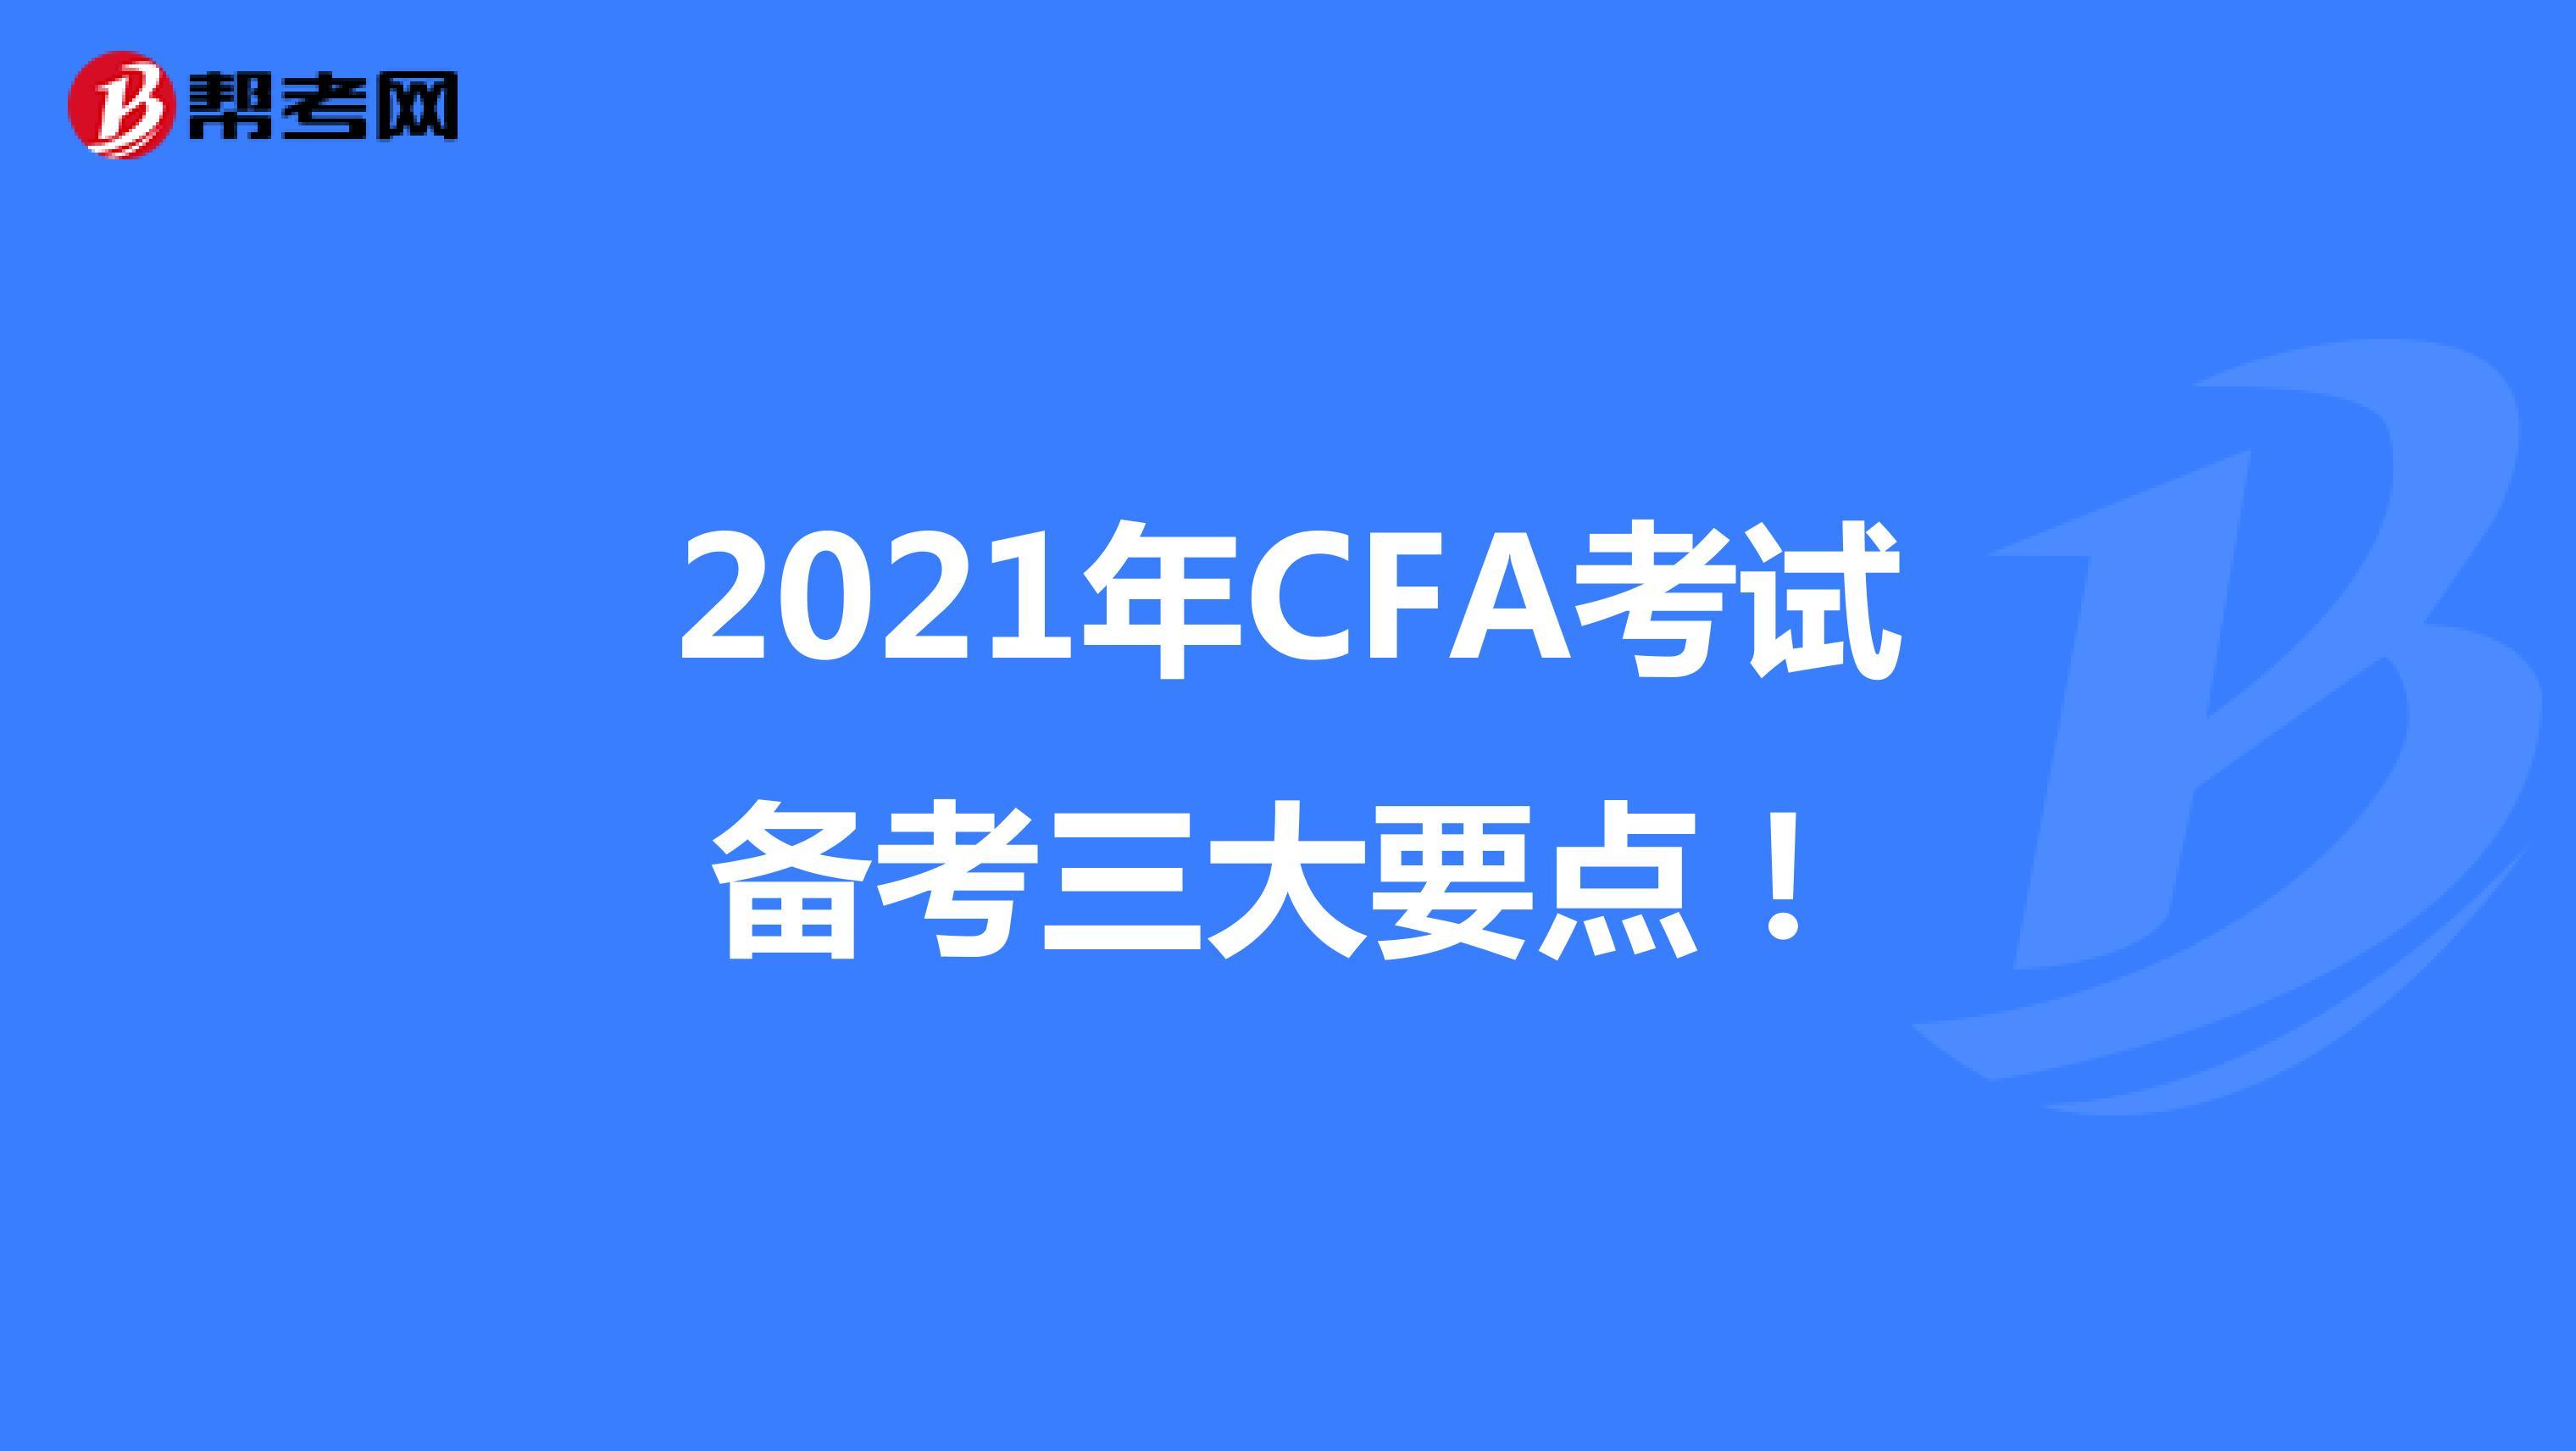 2021年CFA考试备考三大要点!